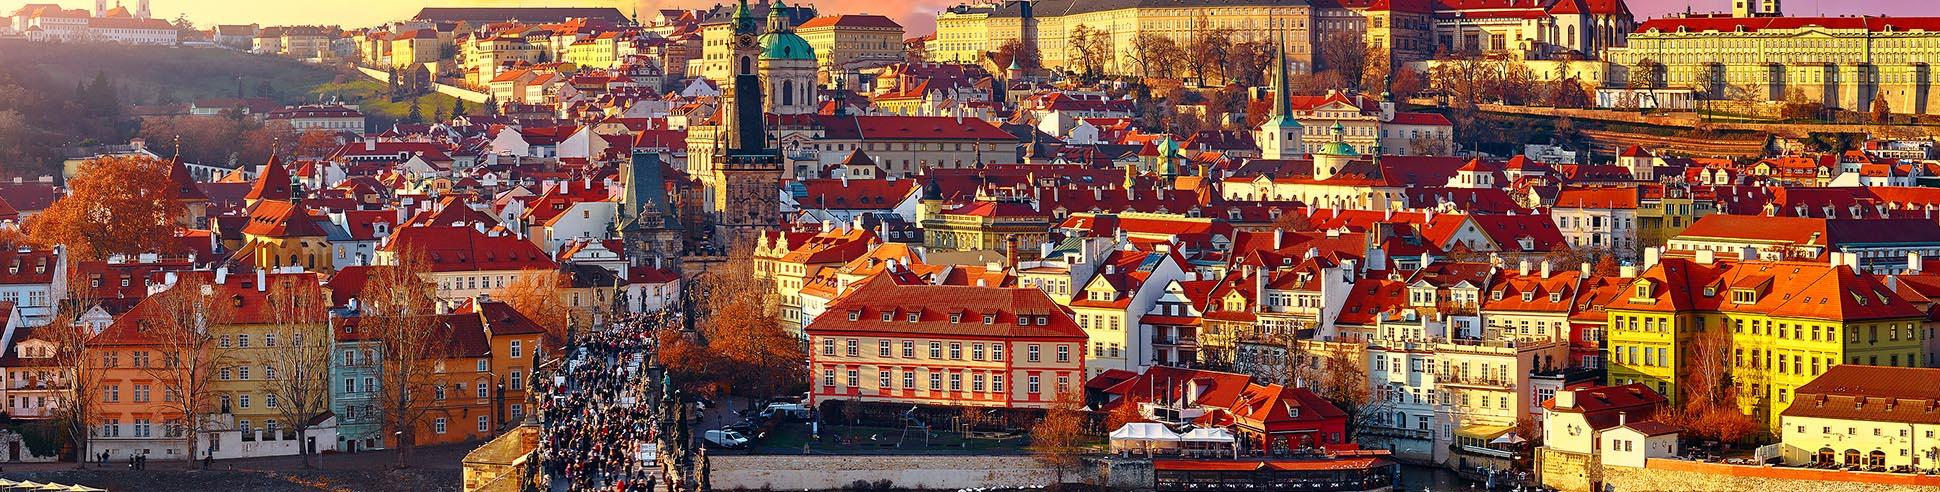 Blick auf das Stadtzentrum von Prag